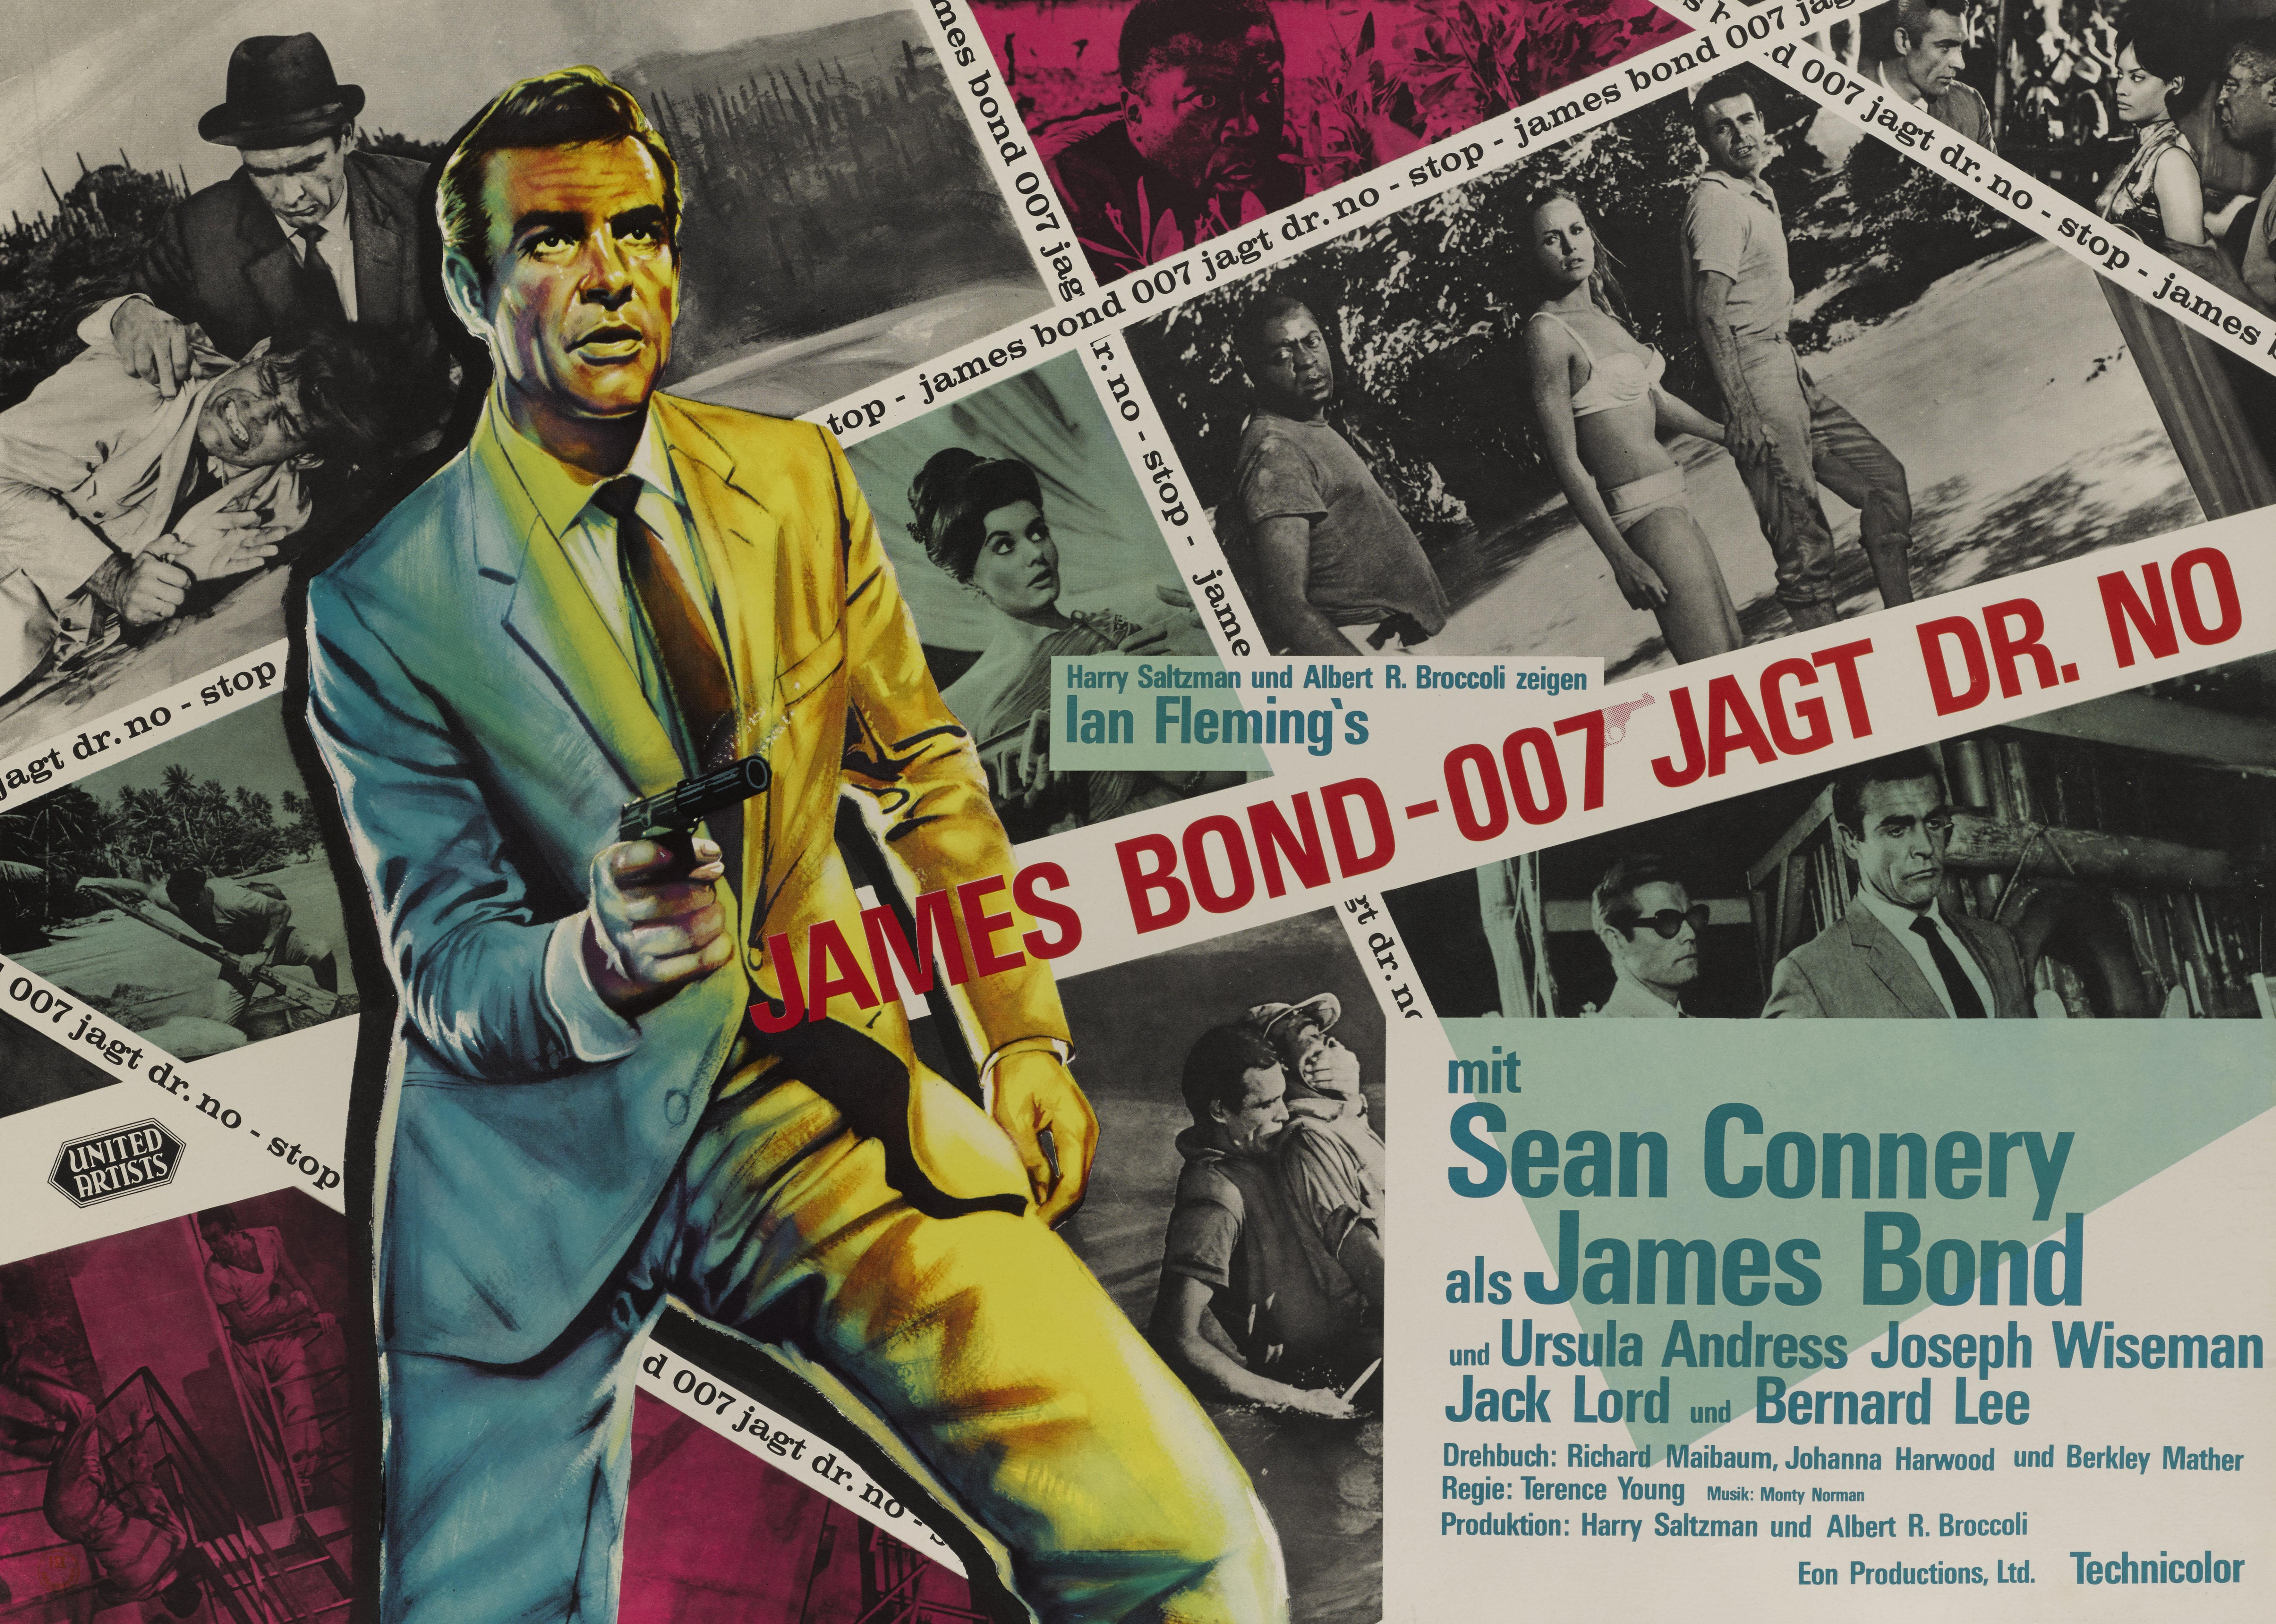 DR. NO / JAMES BOND 007 JAGT DR. NO (1962) POSTER, GERMAN